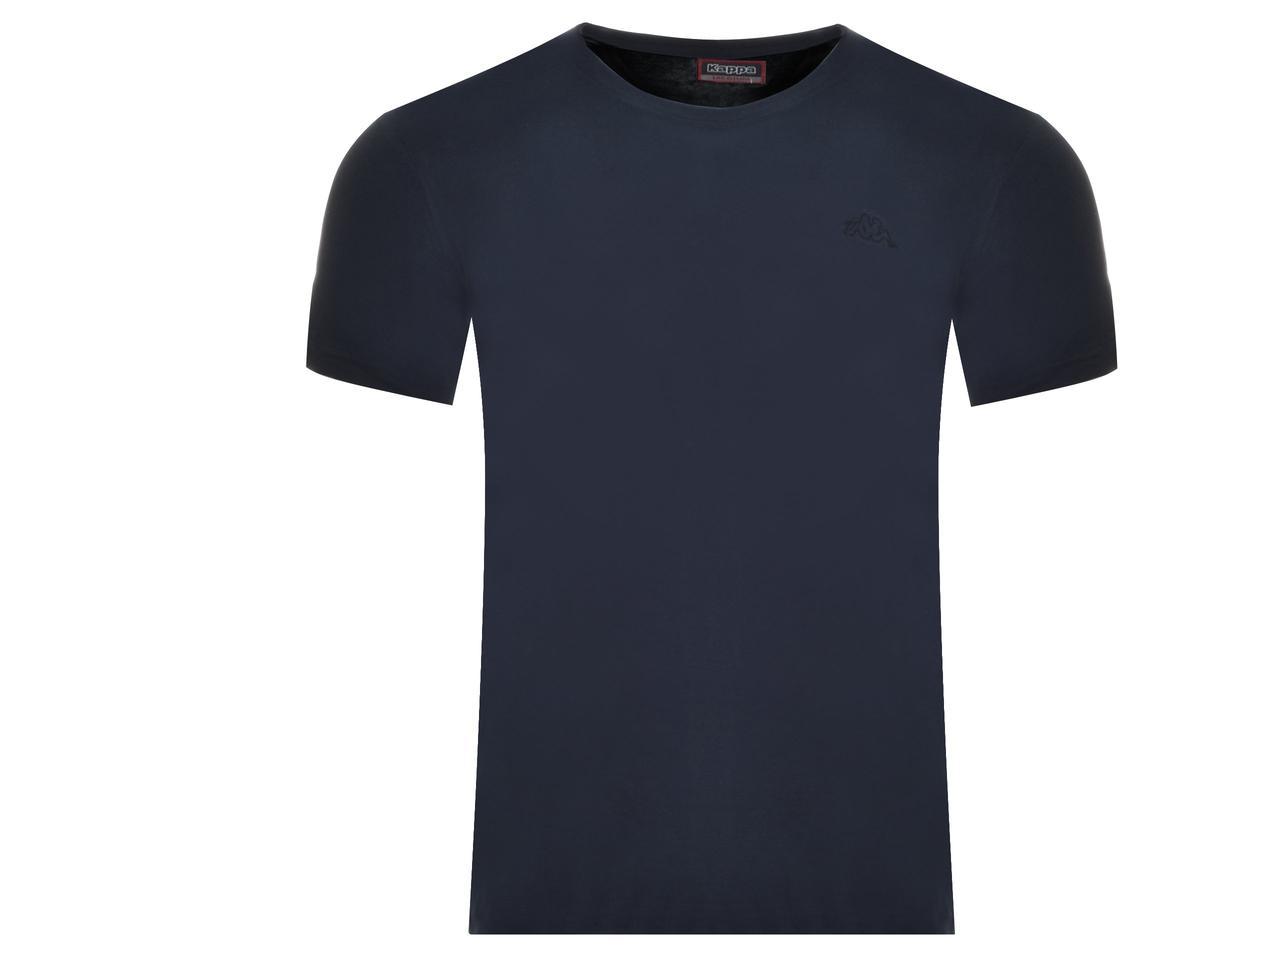 Футболка мужская Kappa синяя (304KZNO 821)